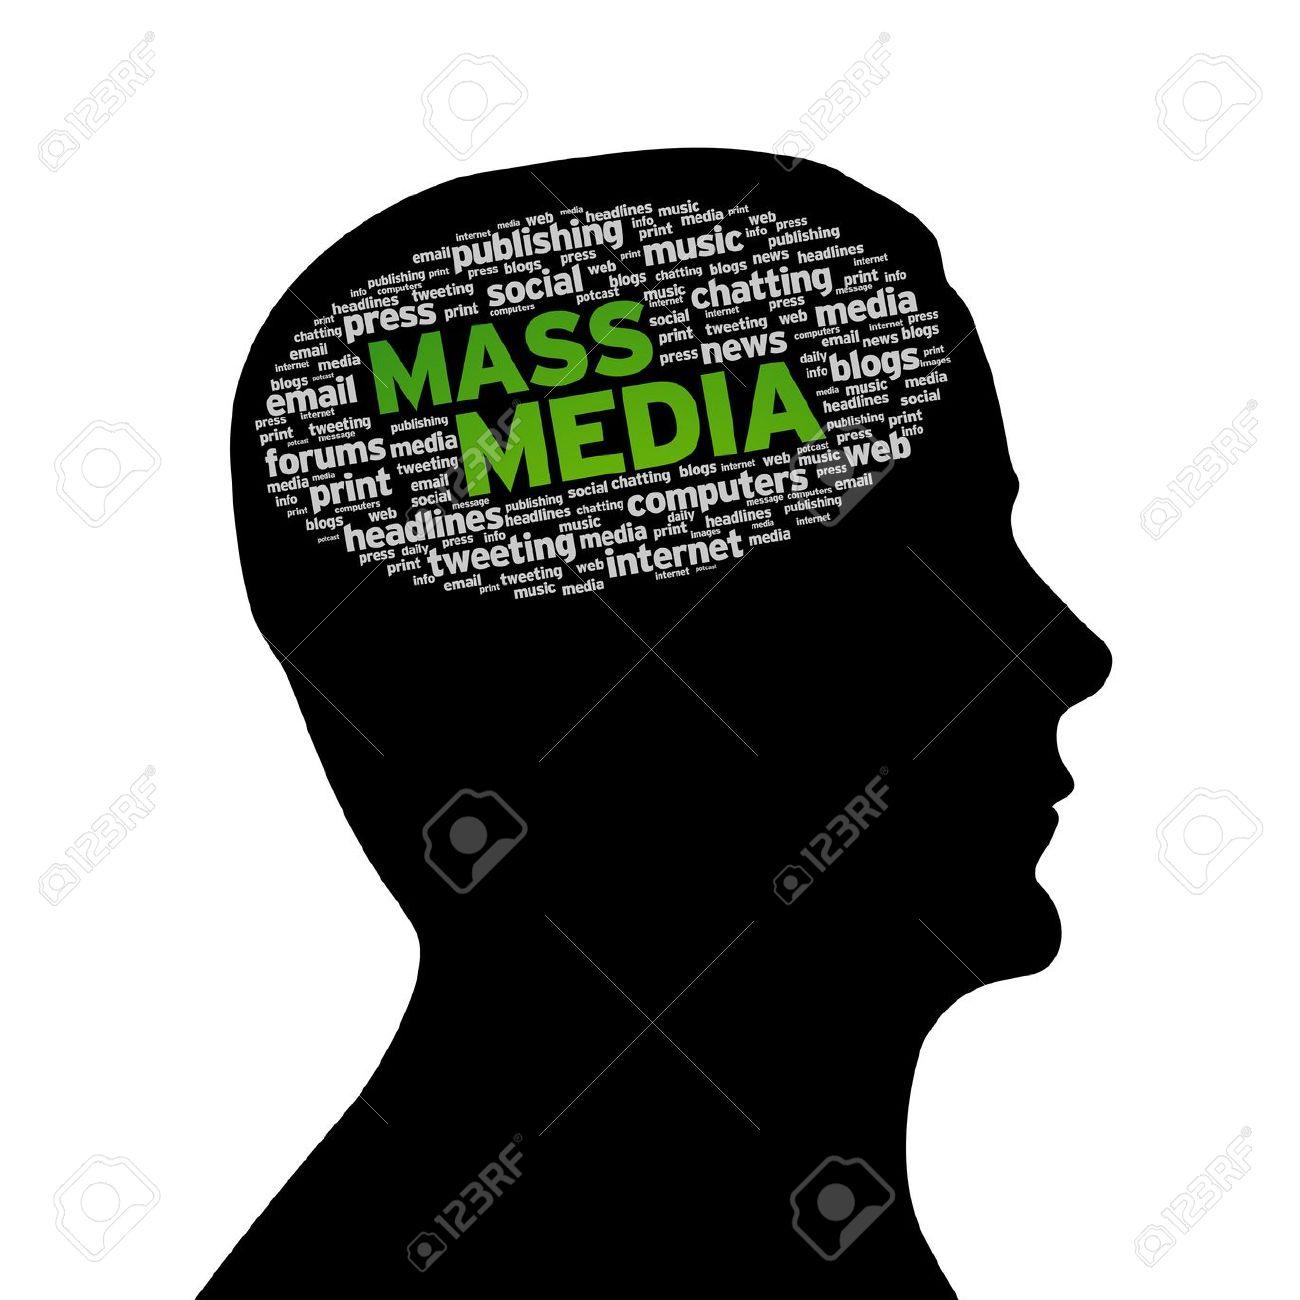 Réflexions sur le journalisme de masse: visions, perceptions et réalités du monde.